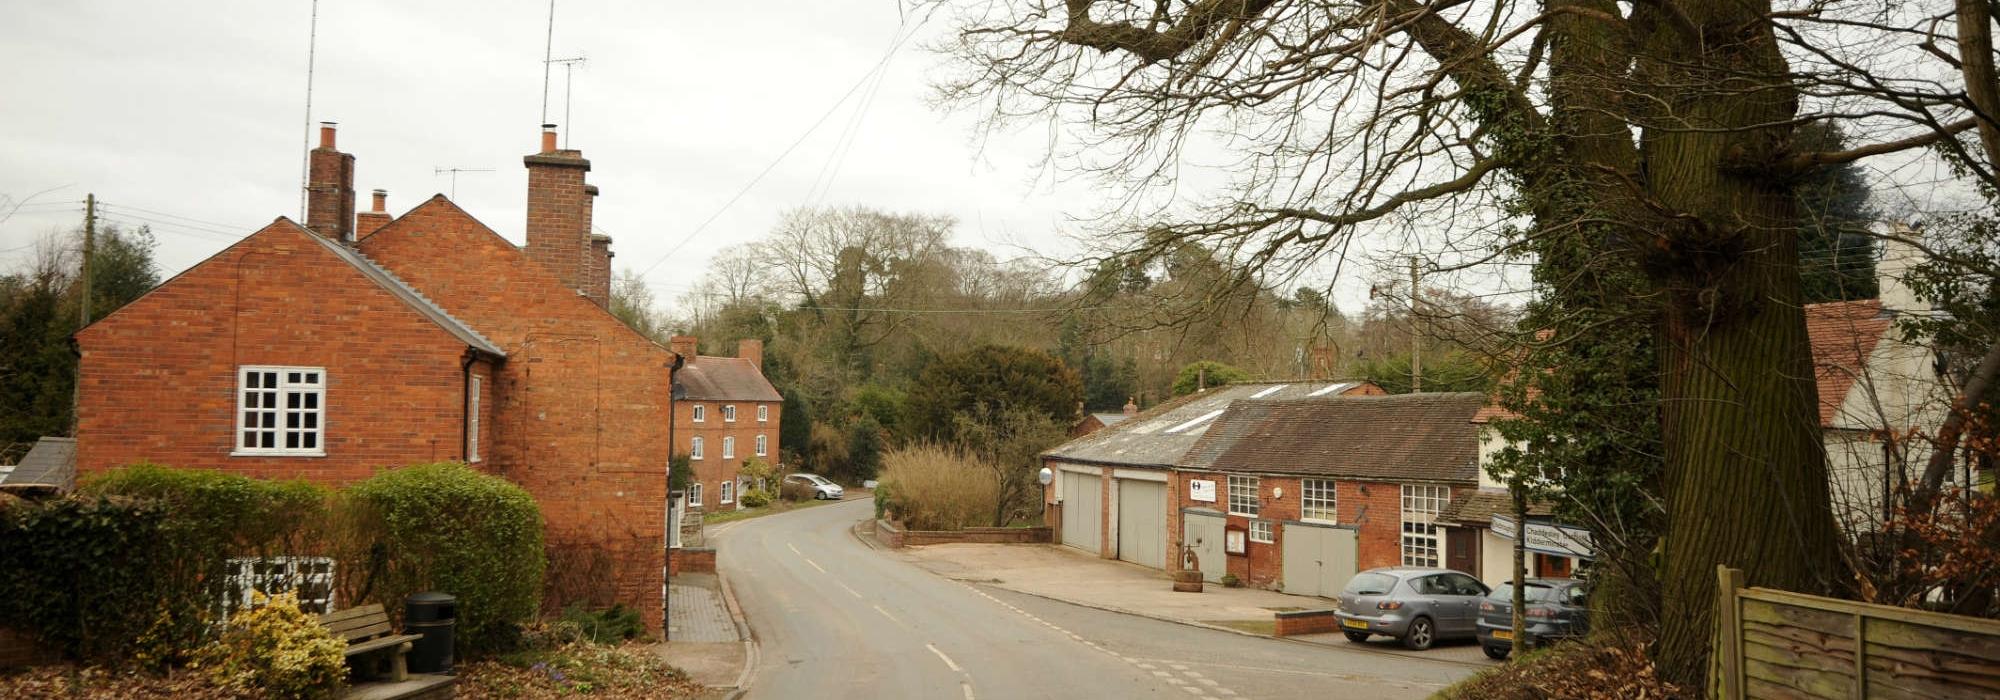 Drayton hamlet